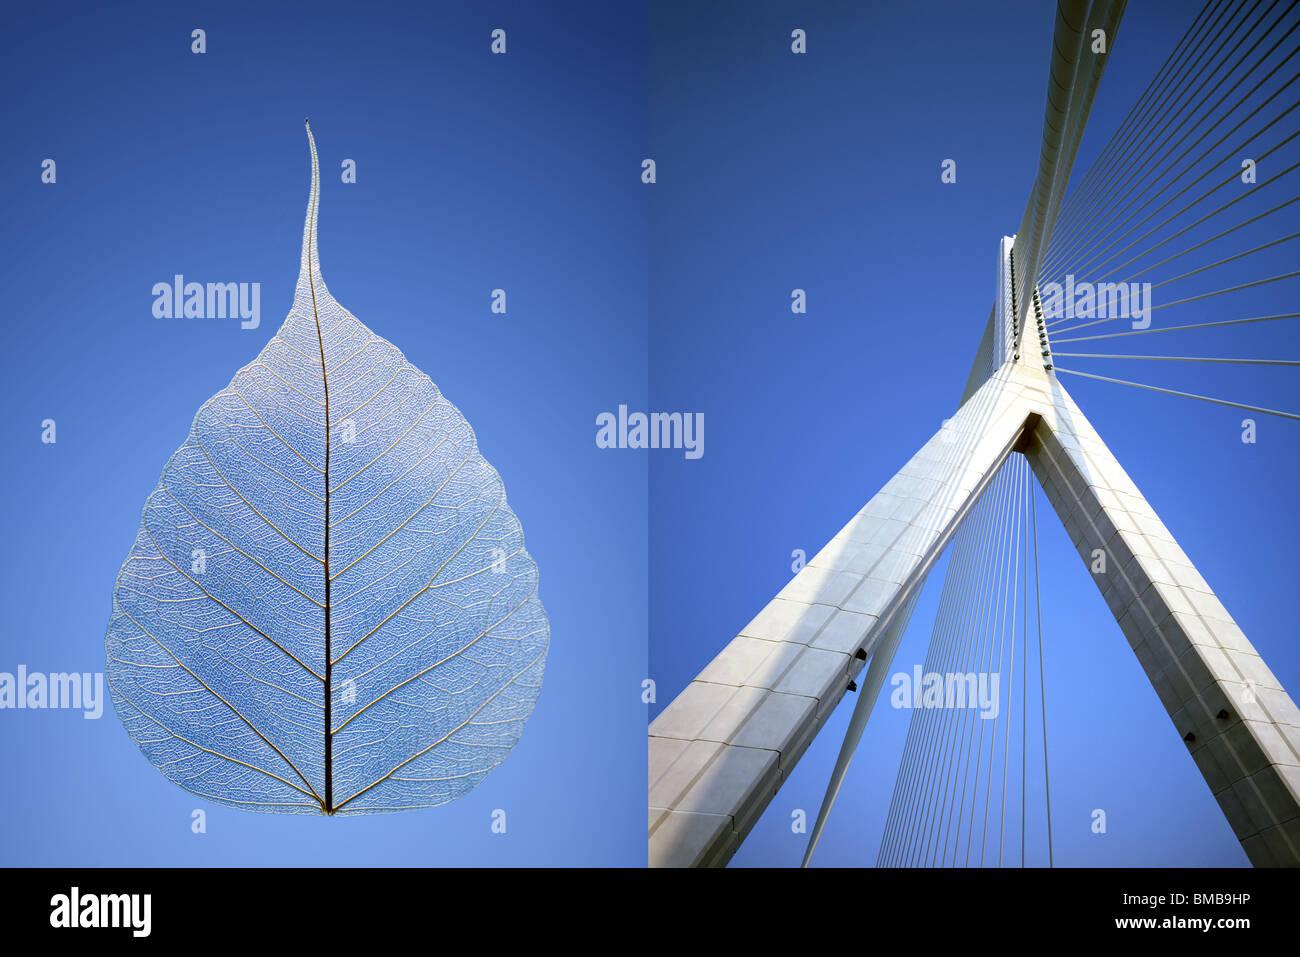 Pont suspendu au nord du Pays de Galles juxtaposés avec des feuilles squelette contre le ciel bleu Photo Stock